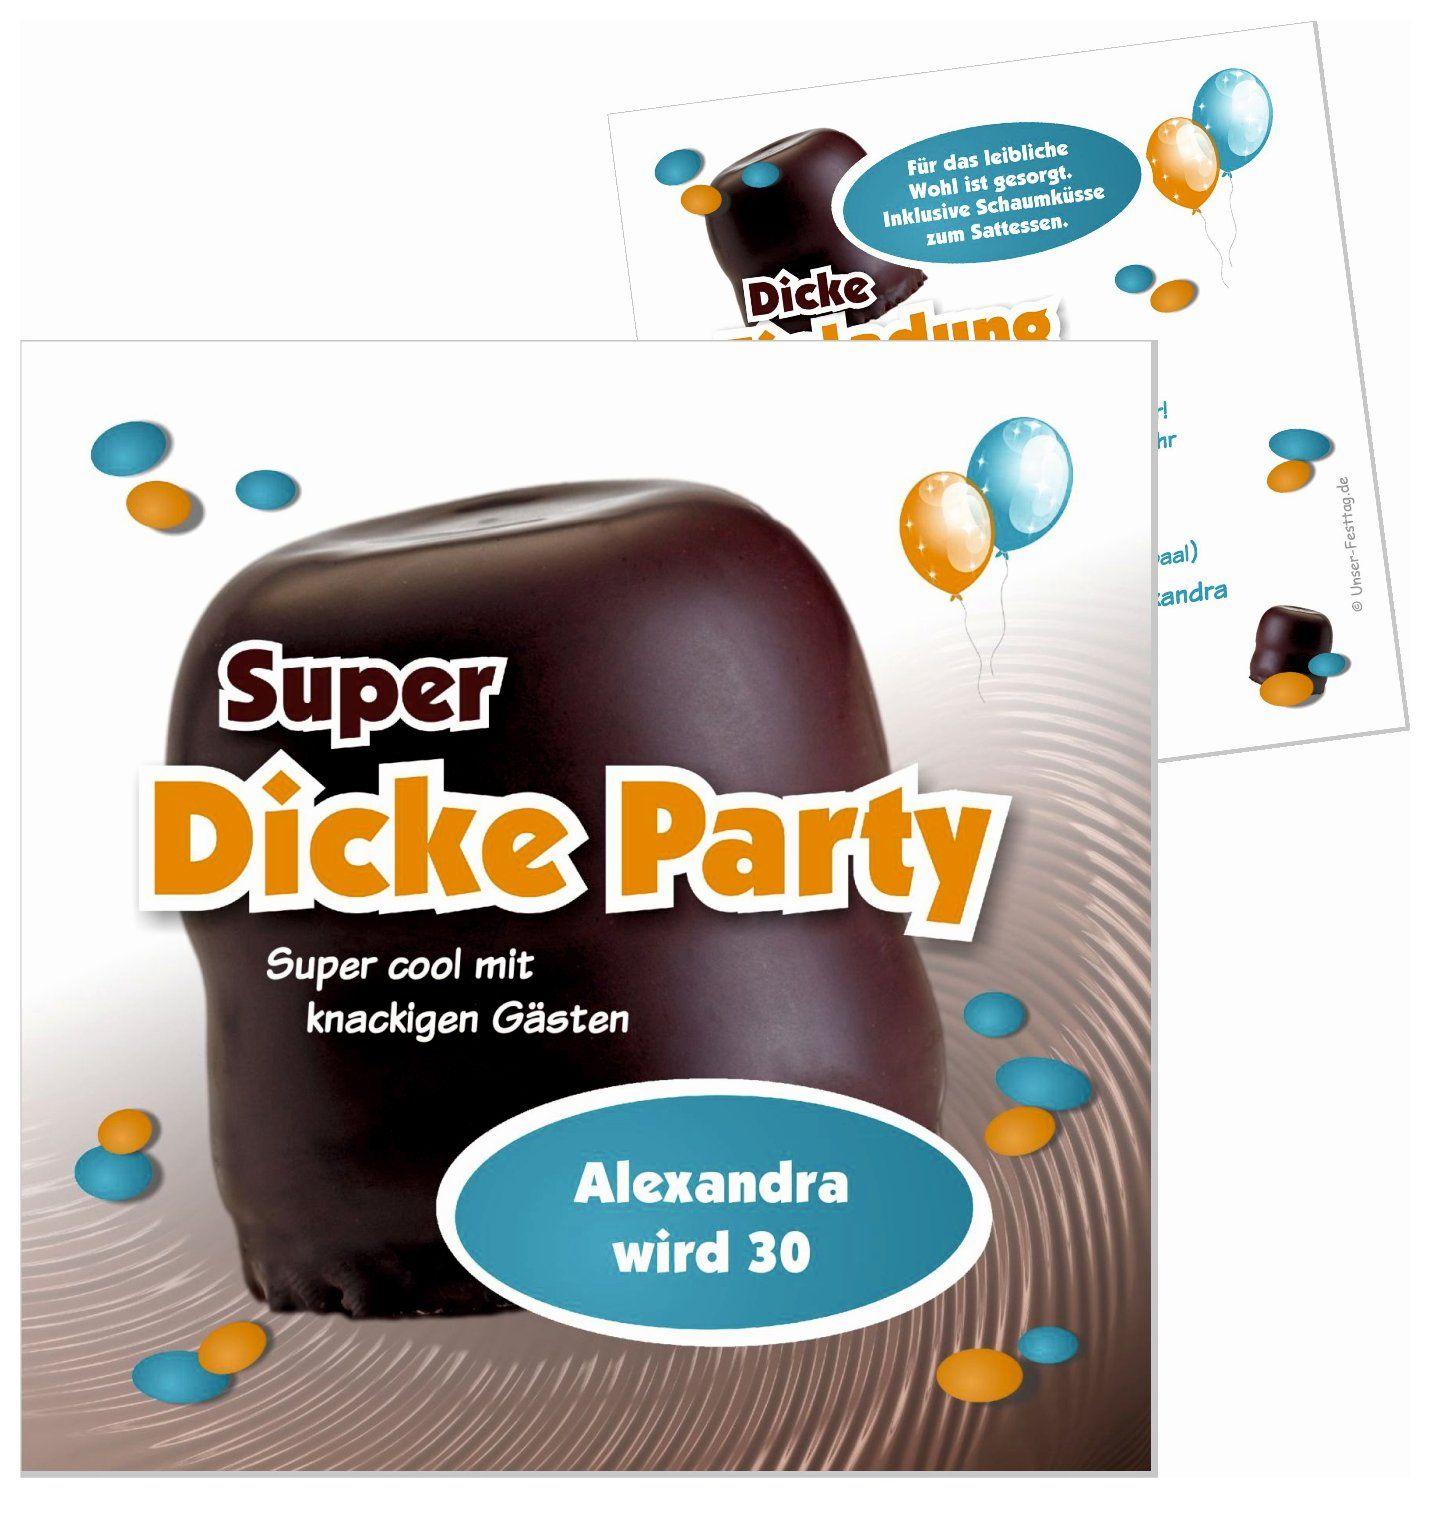 lustige Einladungskarte zum Geburtstag Schaumkuss witzig in JEDES ALTER ändern